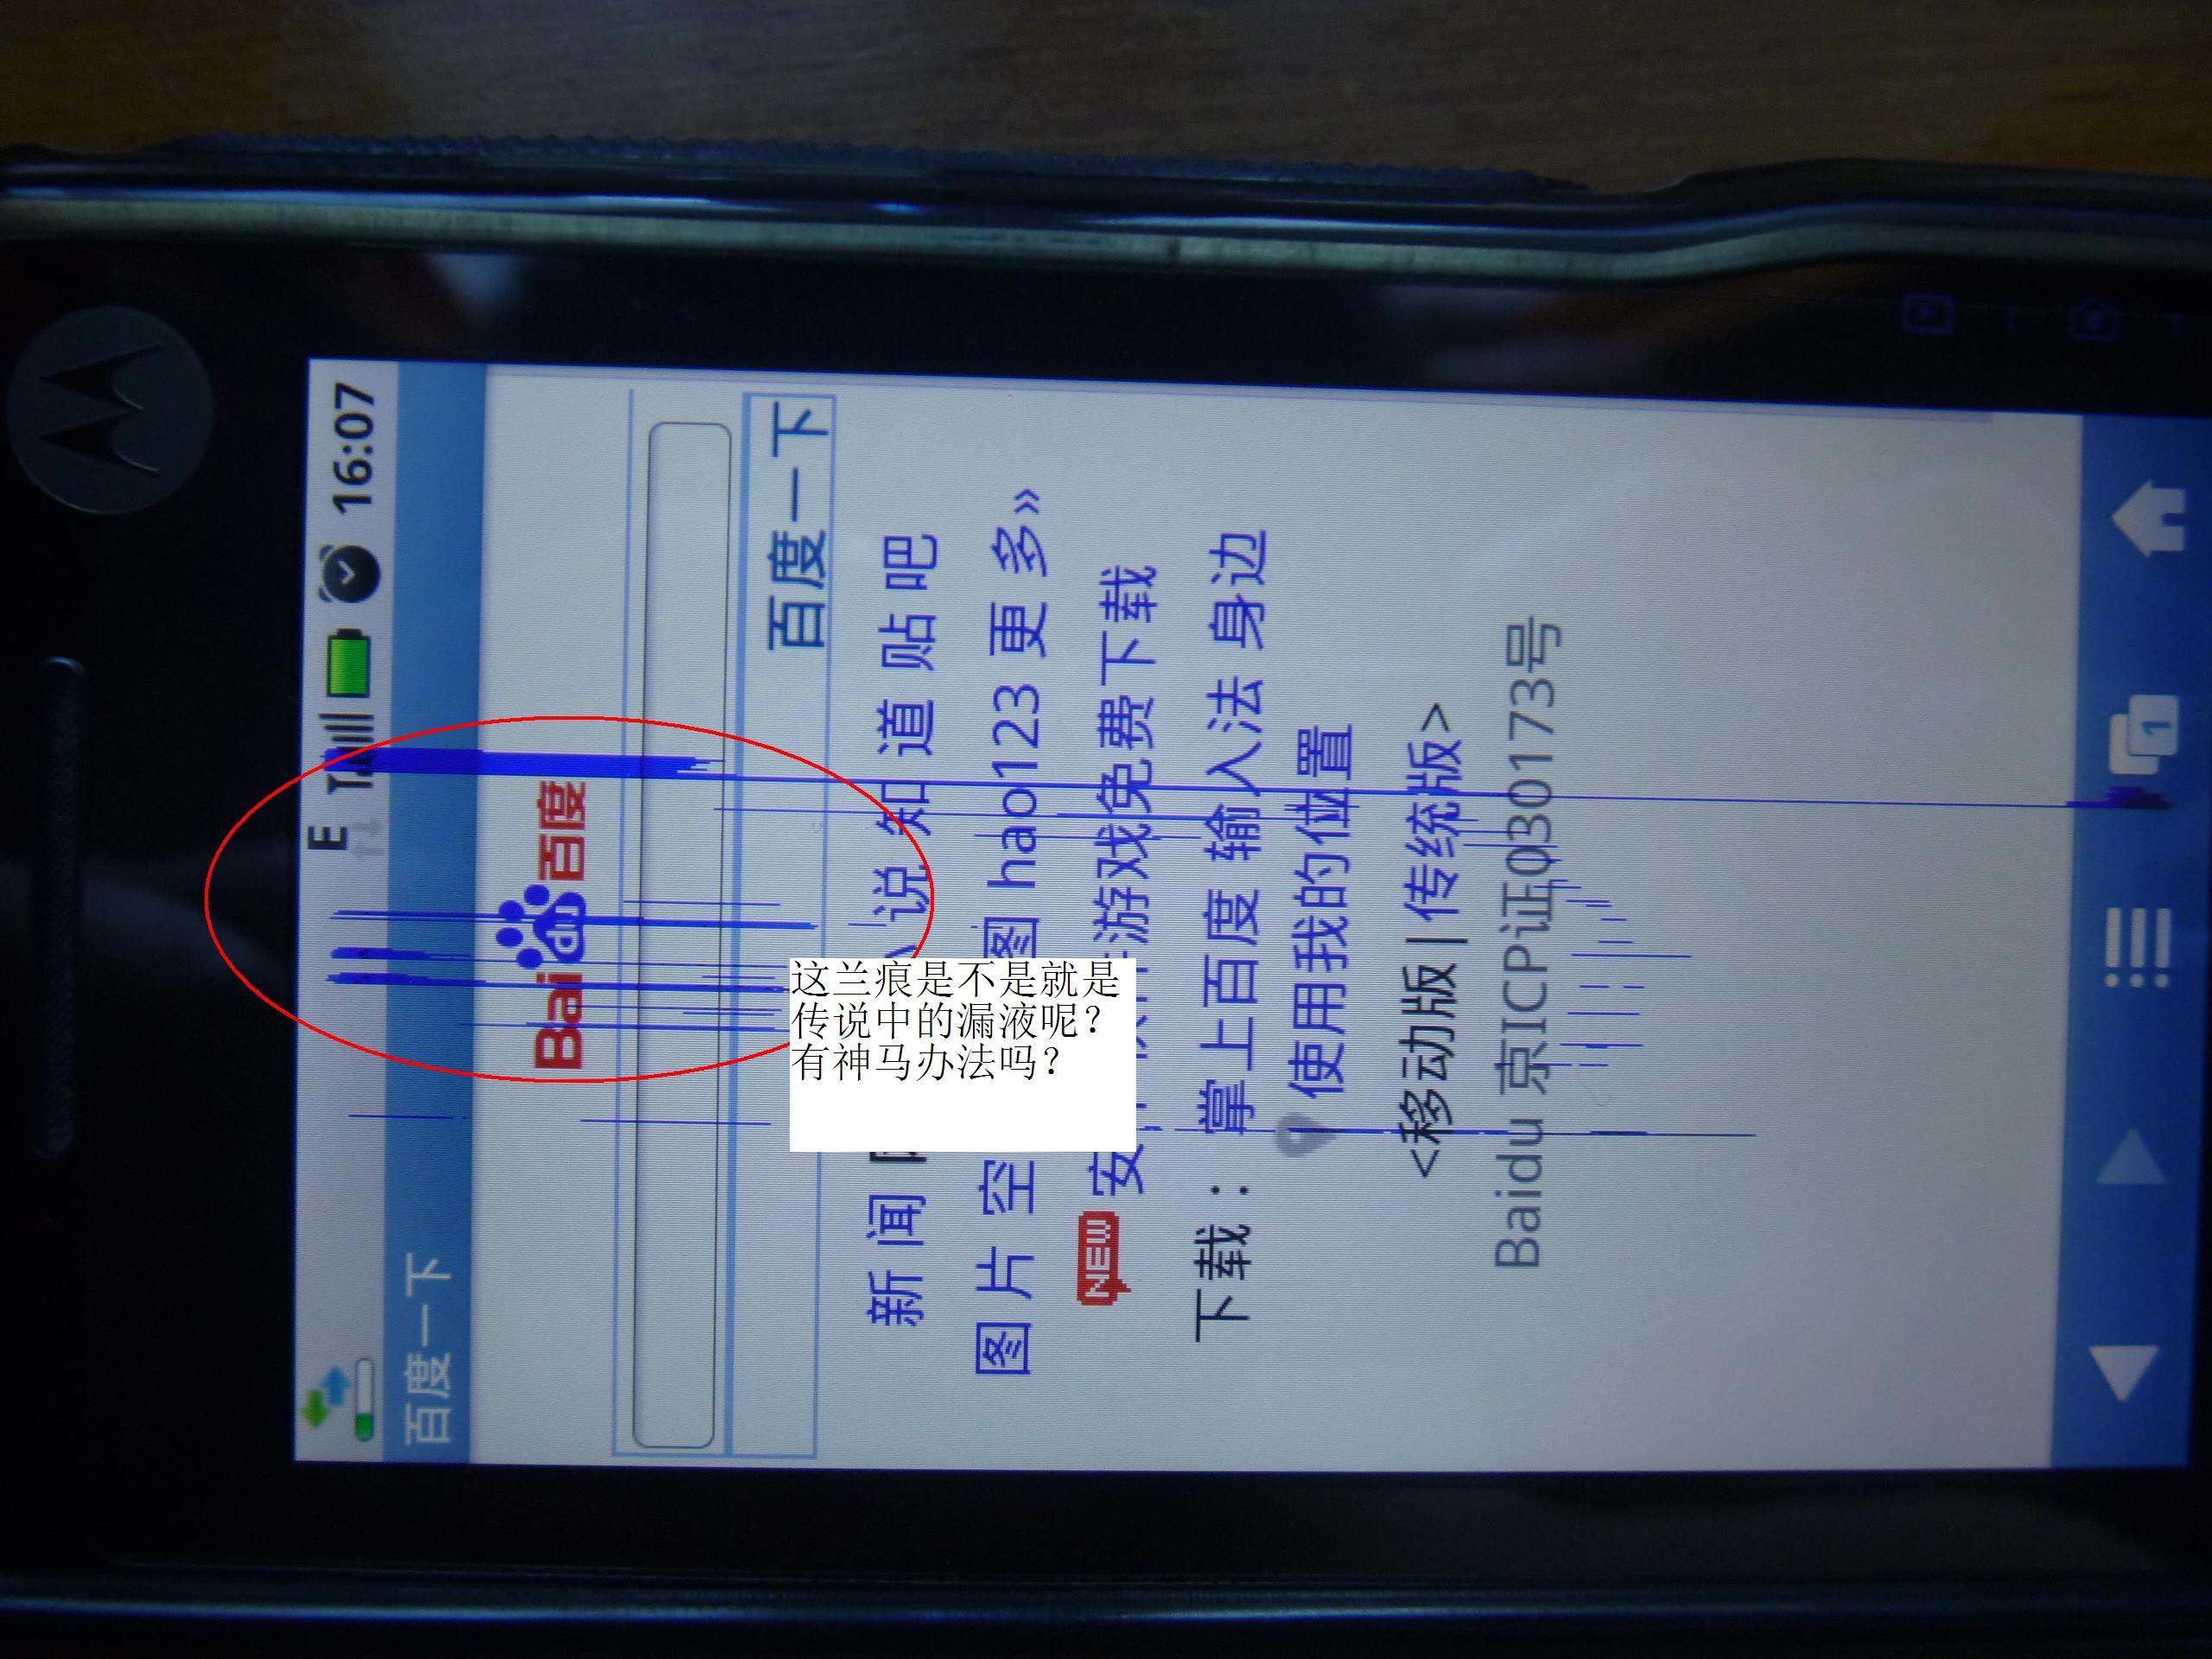 手机液晶屏是不是漏液了 有神马办法吗高清图片